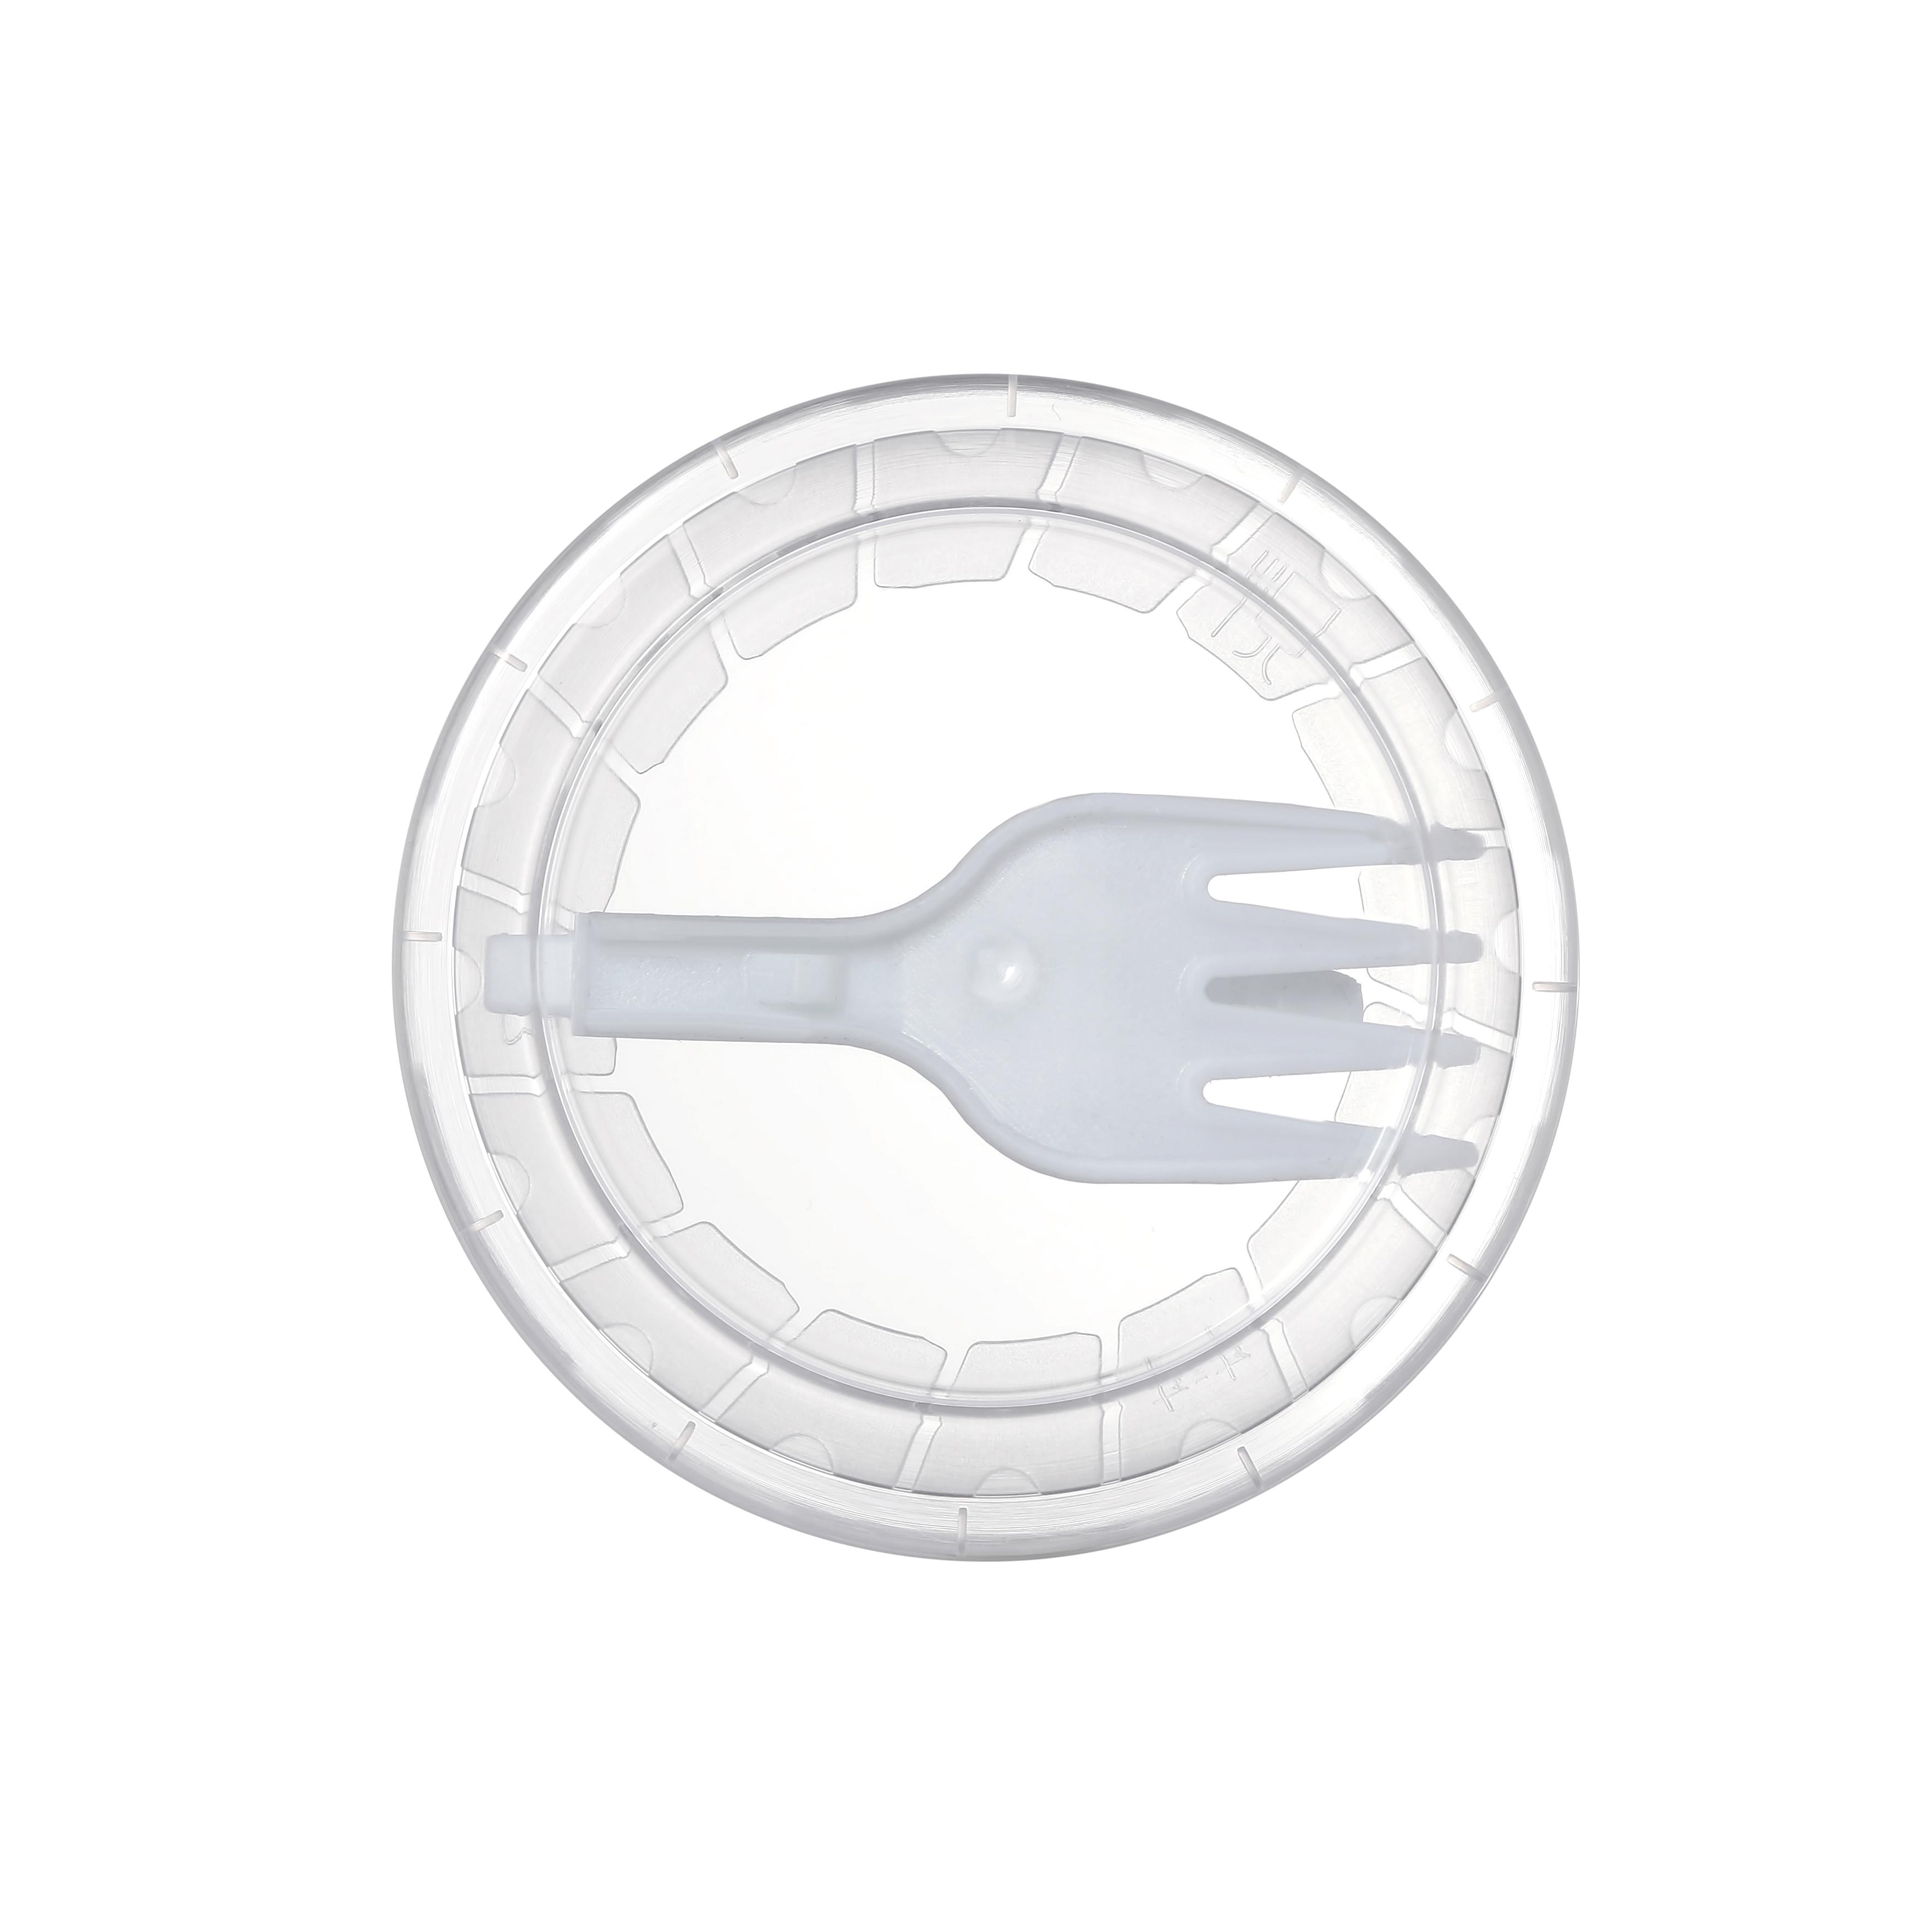 ПП крышка с складной вилкой внутри купить в киеве/Украине по отличной цене для готовых блюд, блюд быстрого приготовления на вынос